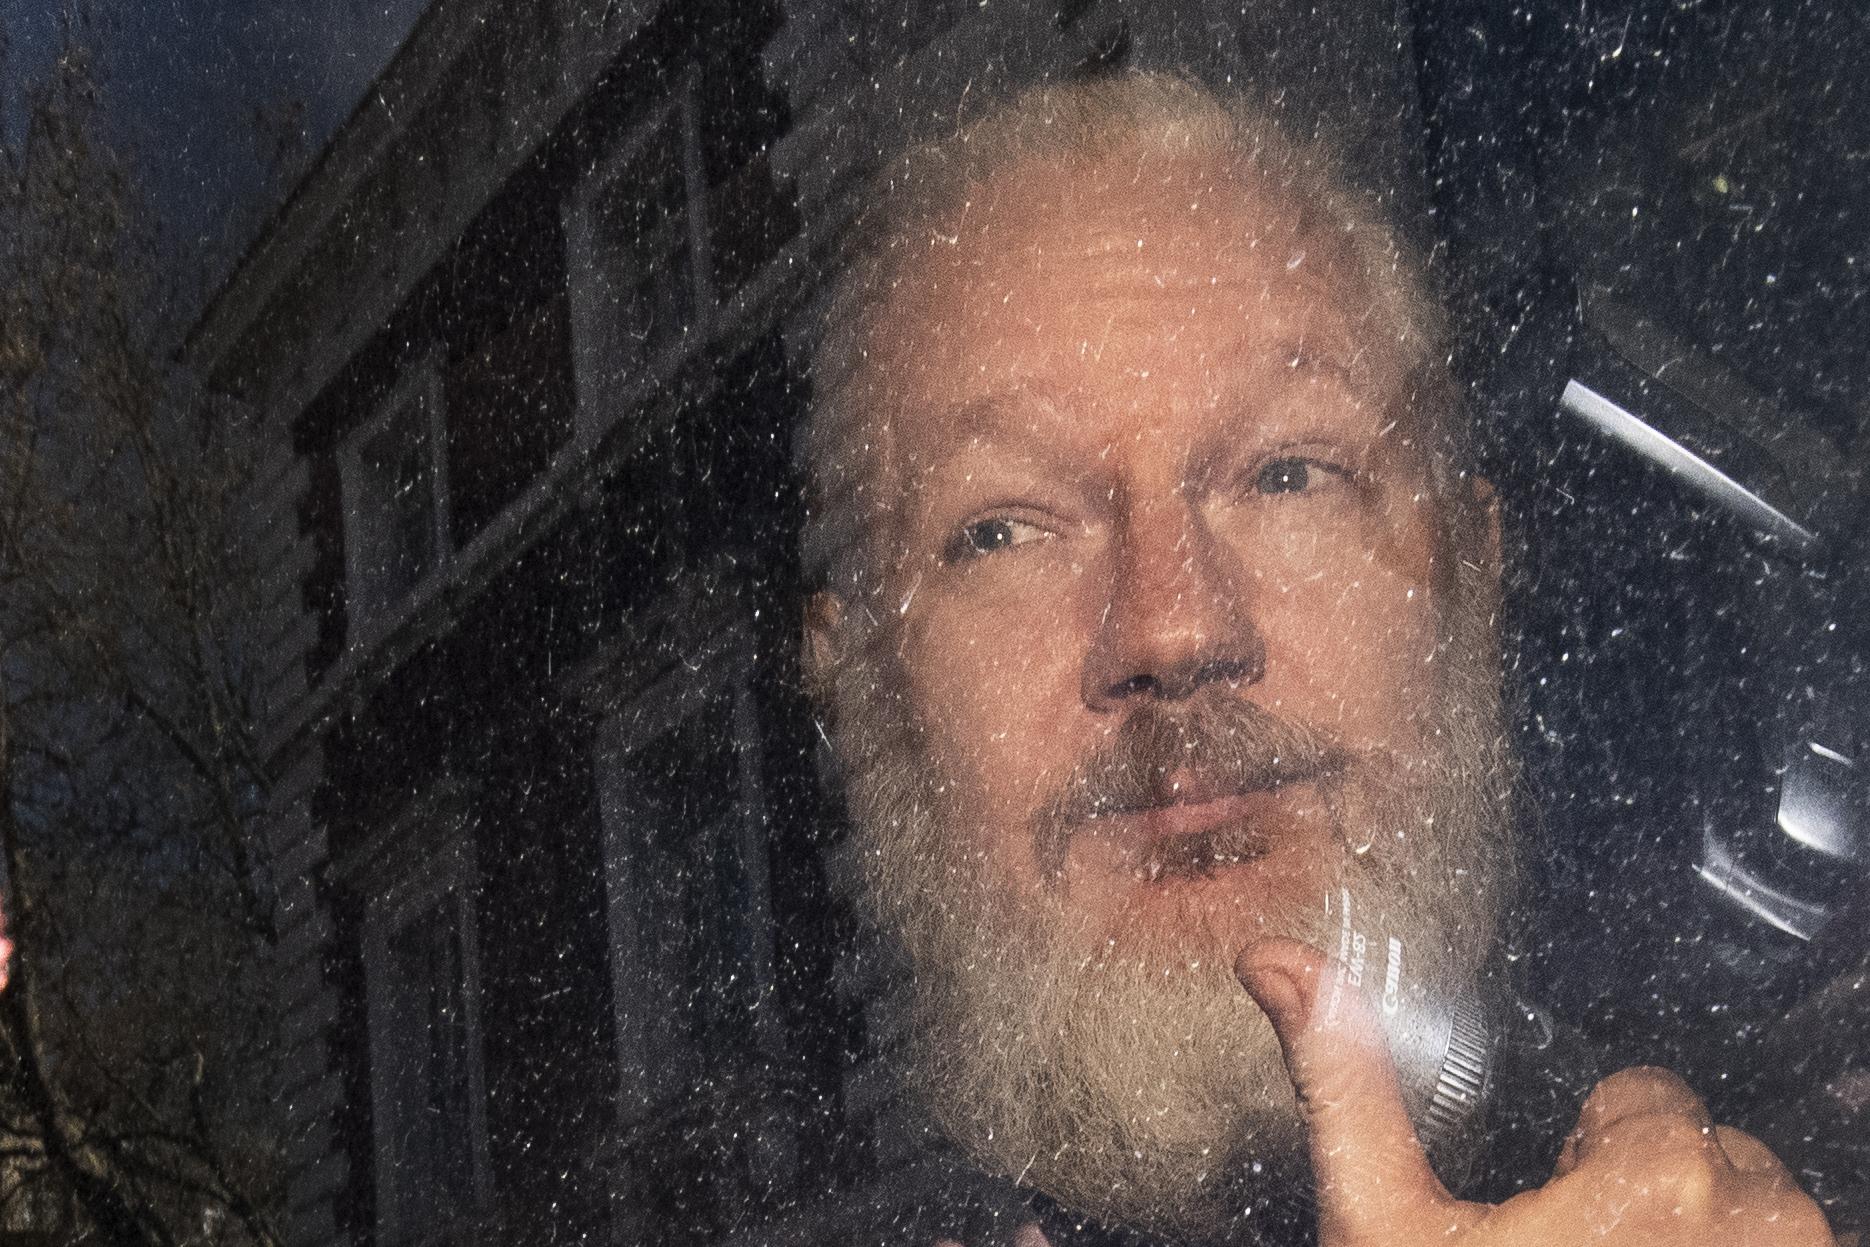 APTOPIX_Britain_Wikileaks_Assange_Arrested_75541-159532.jpg21645638